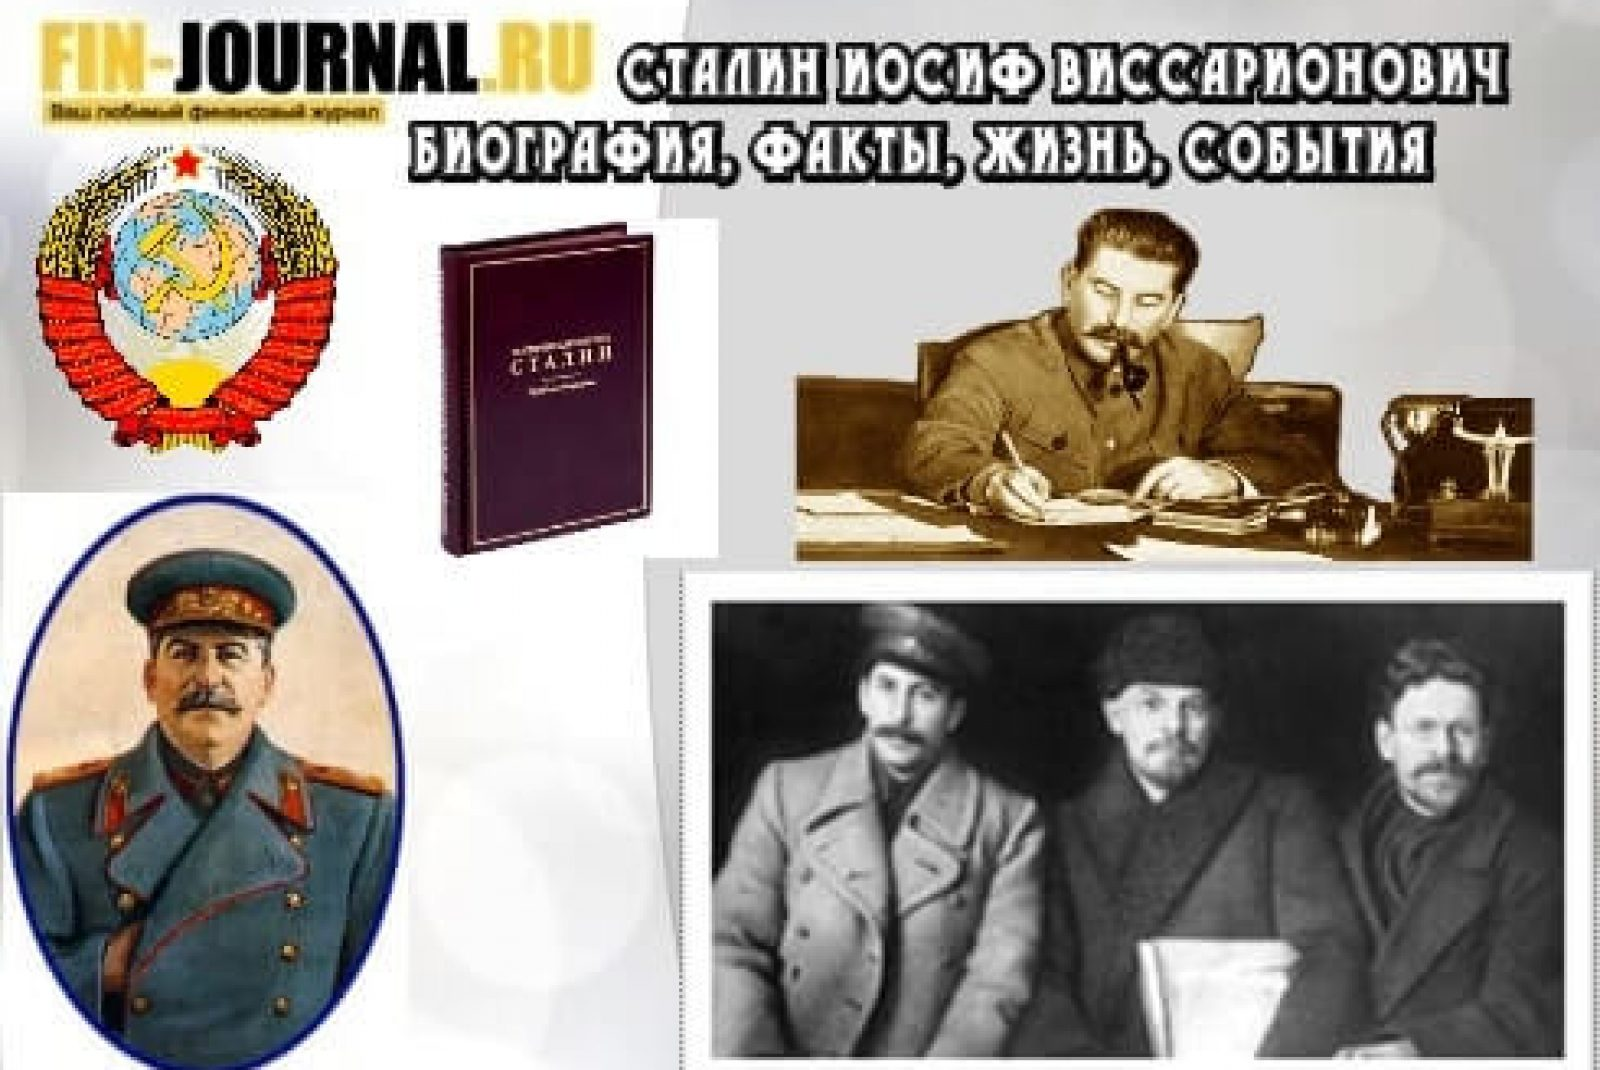 Сталин Иосиф Виссарионович: биография, факты, жизнь, события